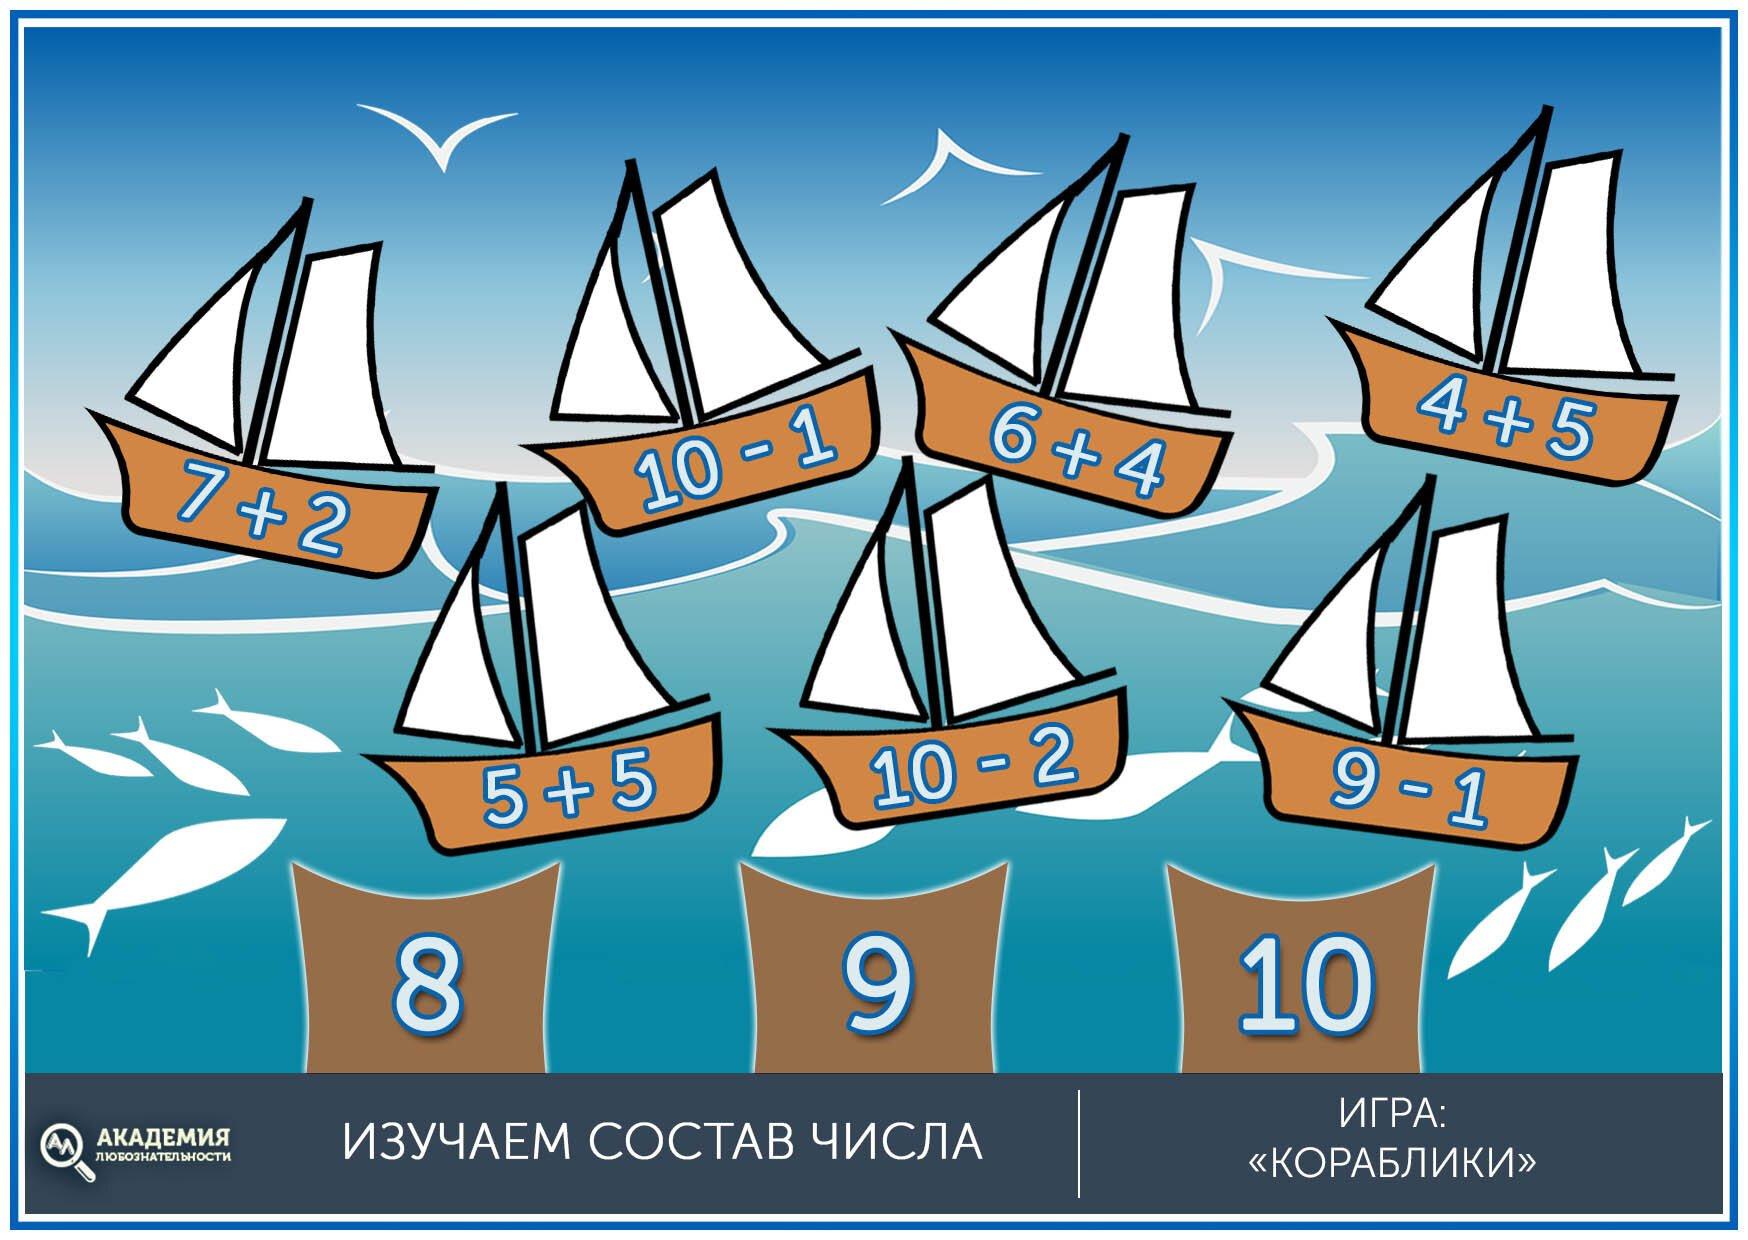 Состав числа математическая игра для детей кораблики